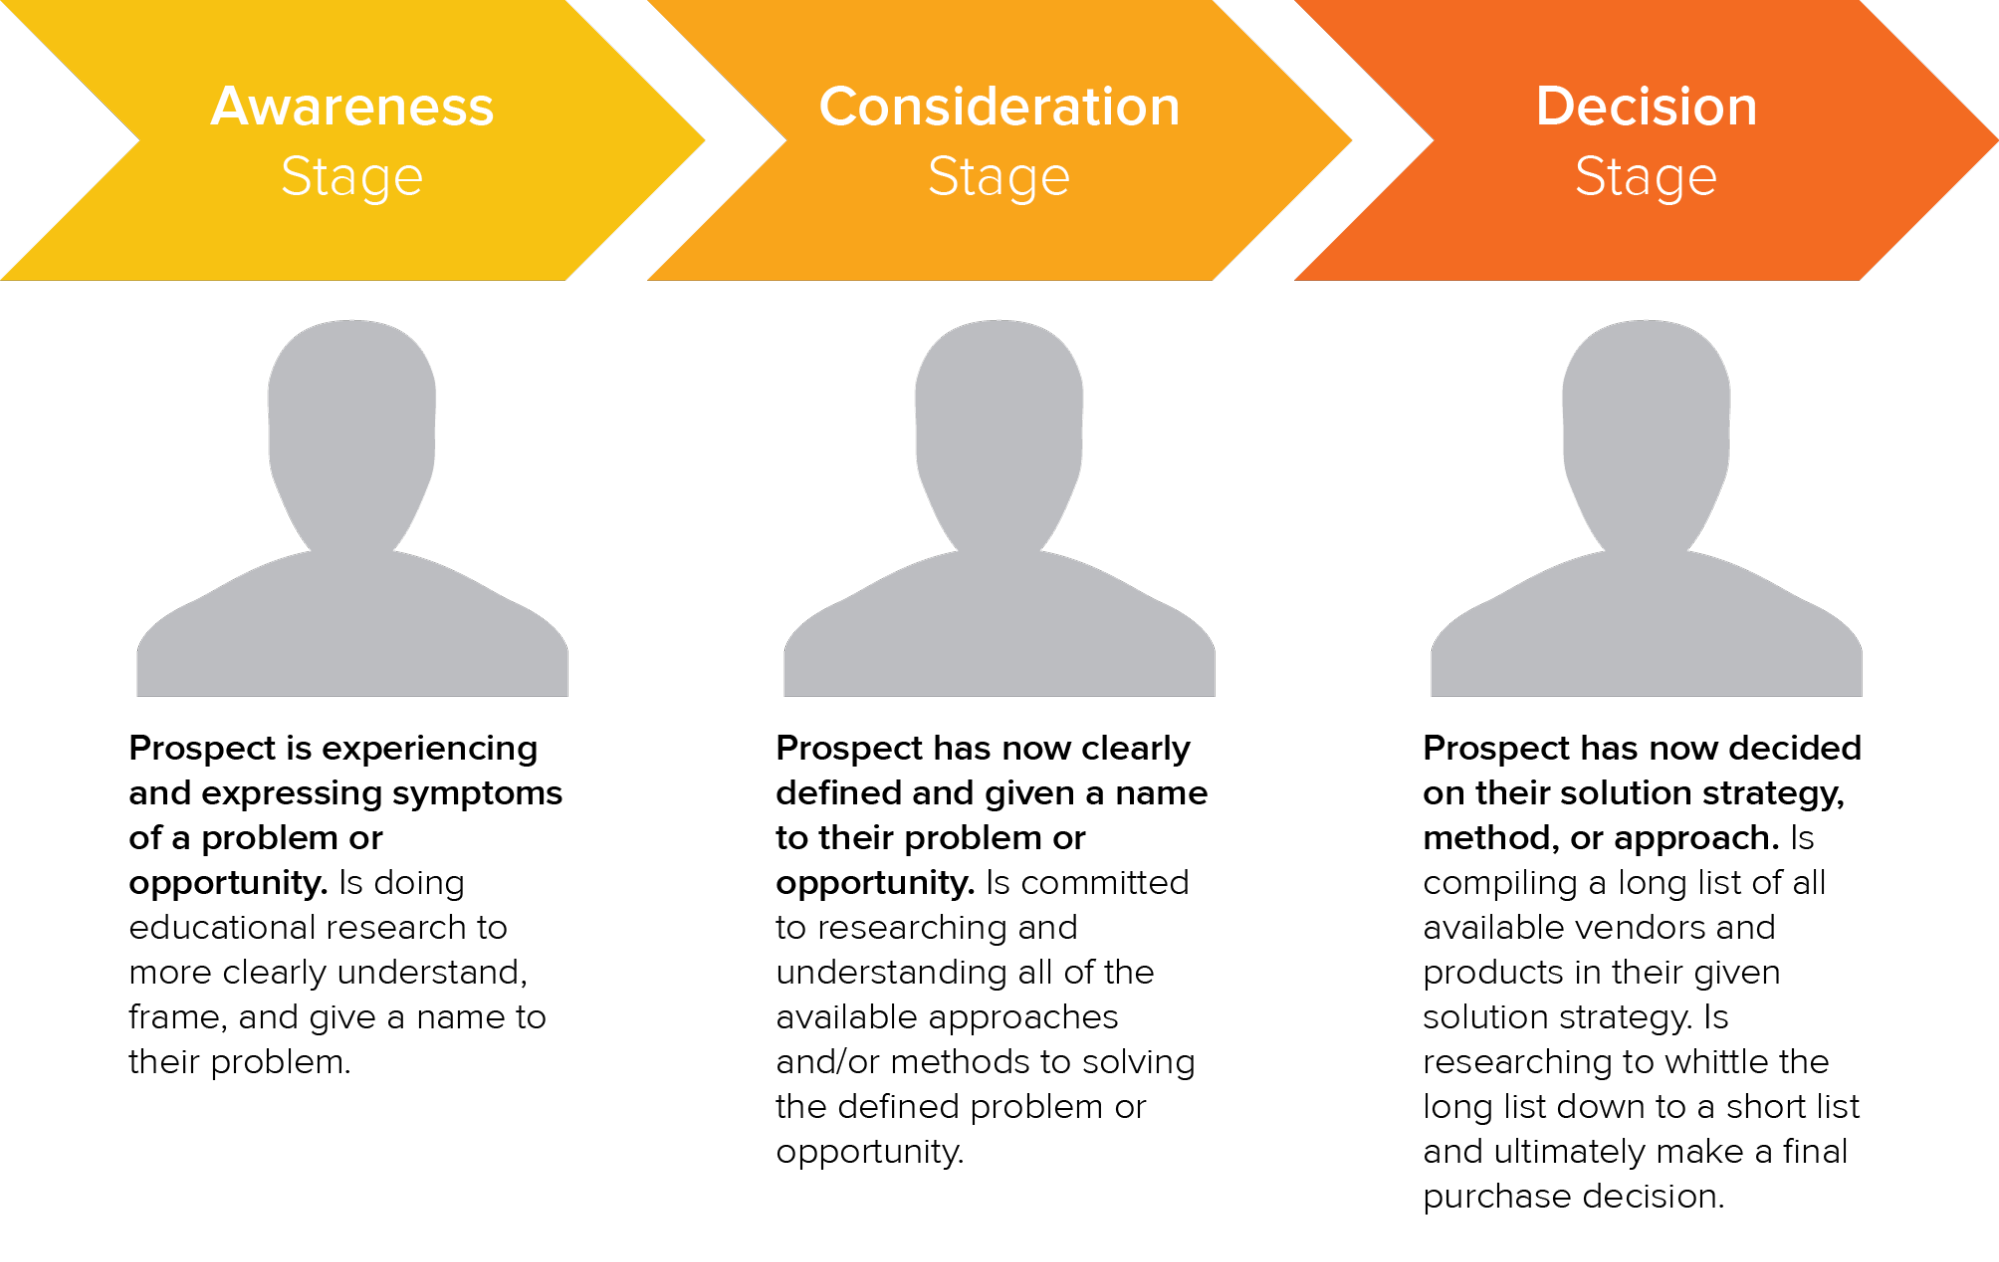 HubSpot buyers journey infographic